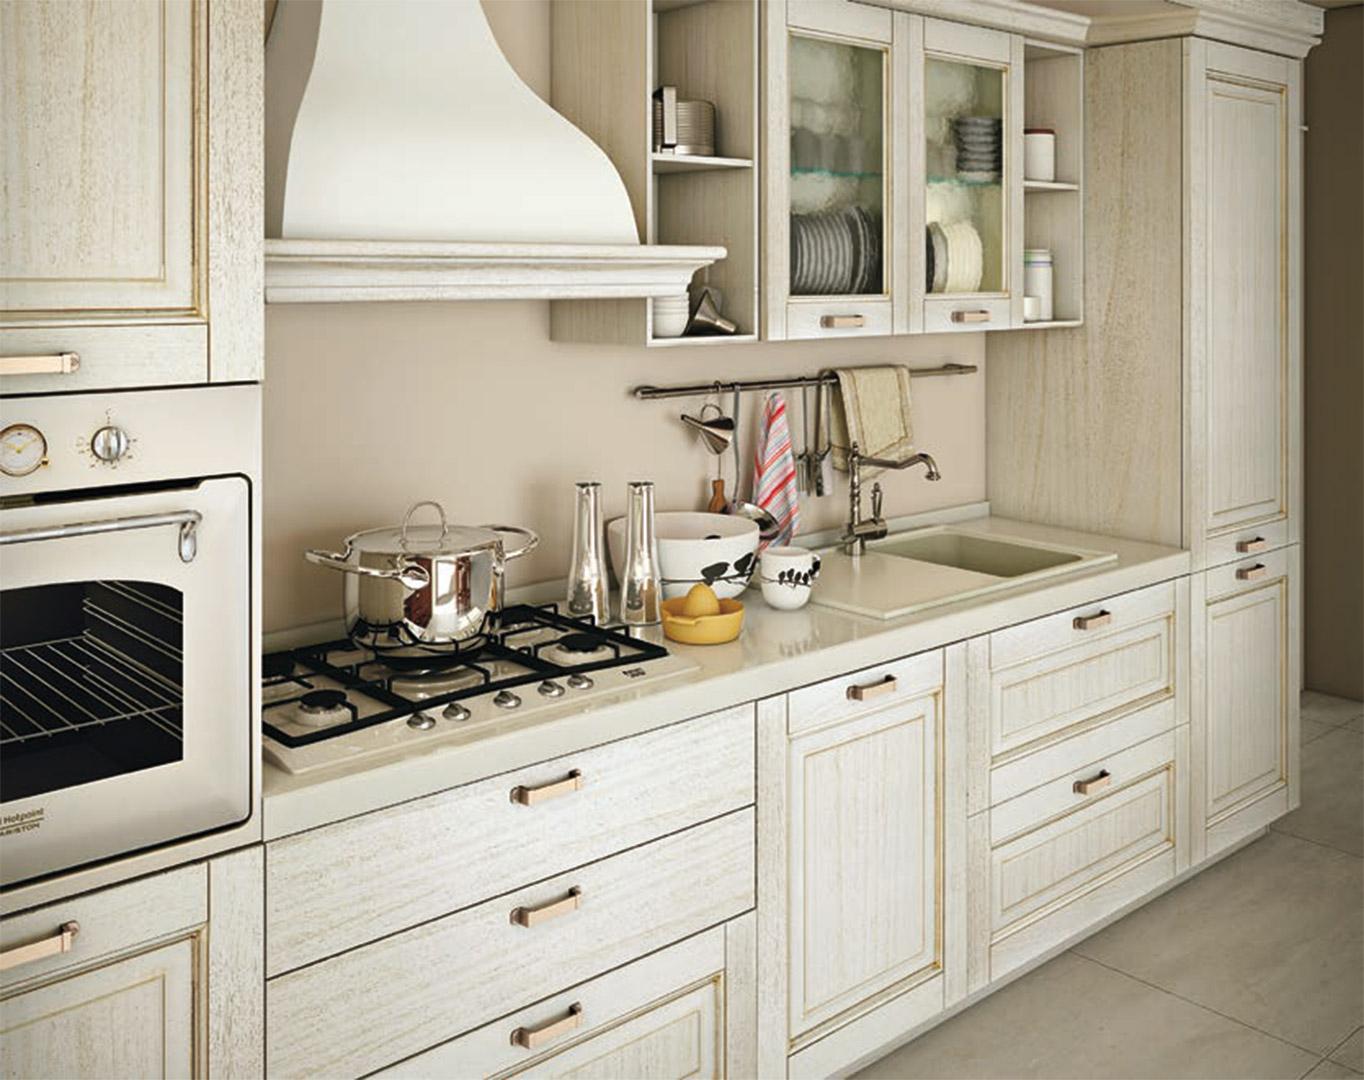 Cucina oprah cucine classiche creo kitchens